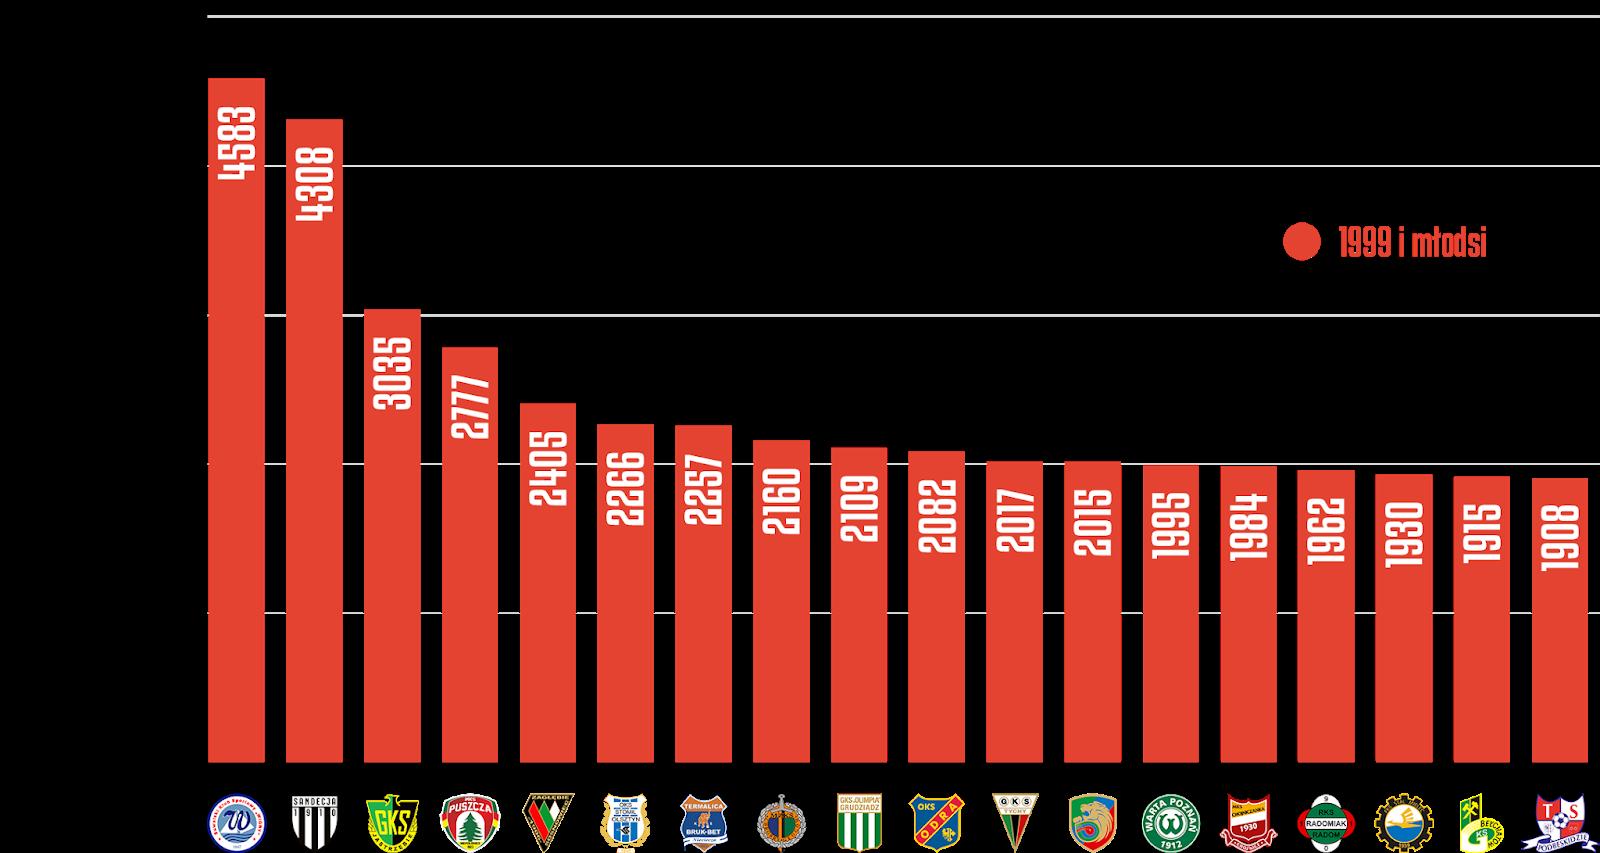 Klasyfikacja klubów pod względem rozegranych minut przez młodzieżowców po21kolejkach Fortuna 1Ligi<br><br>Źródło: Opracowanie własne na podstawie ekstrastats.pl<br><br>graf. Bartosz Urban